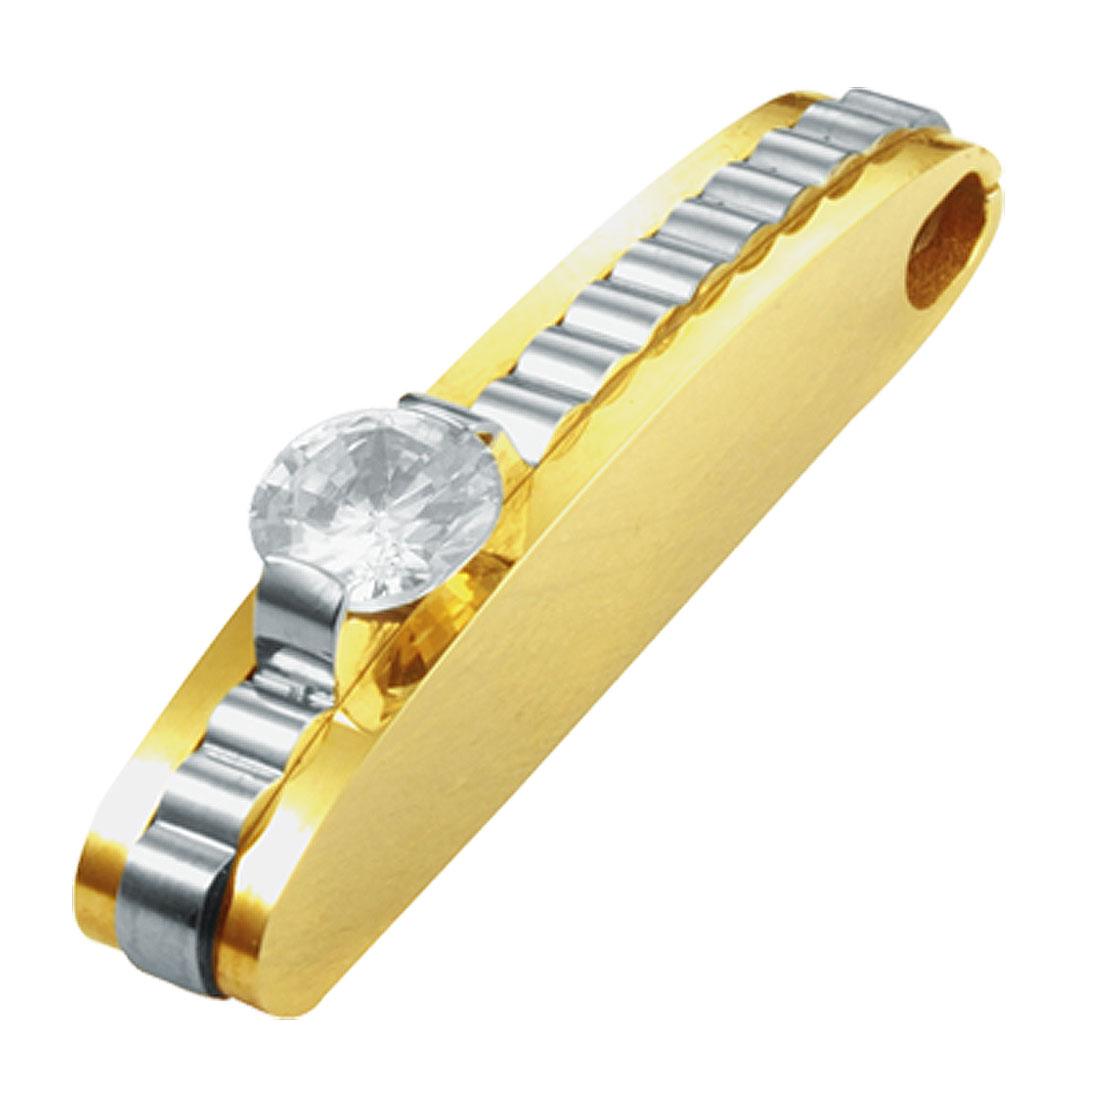 Stylish Polished Golden Necklace Pendant with a Rhinestone